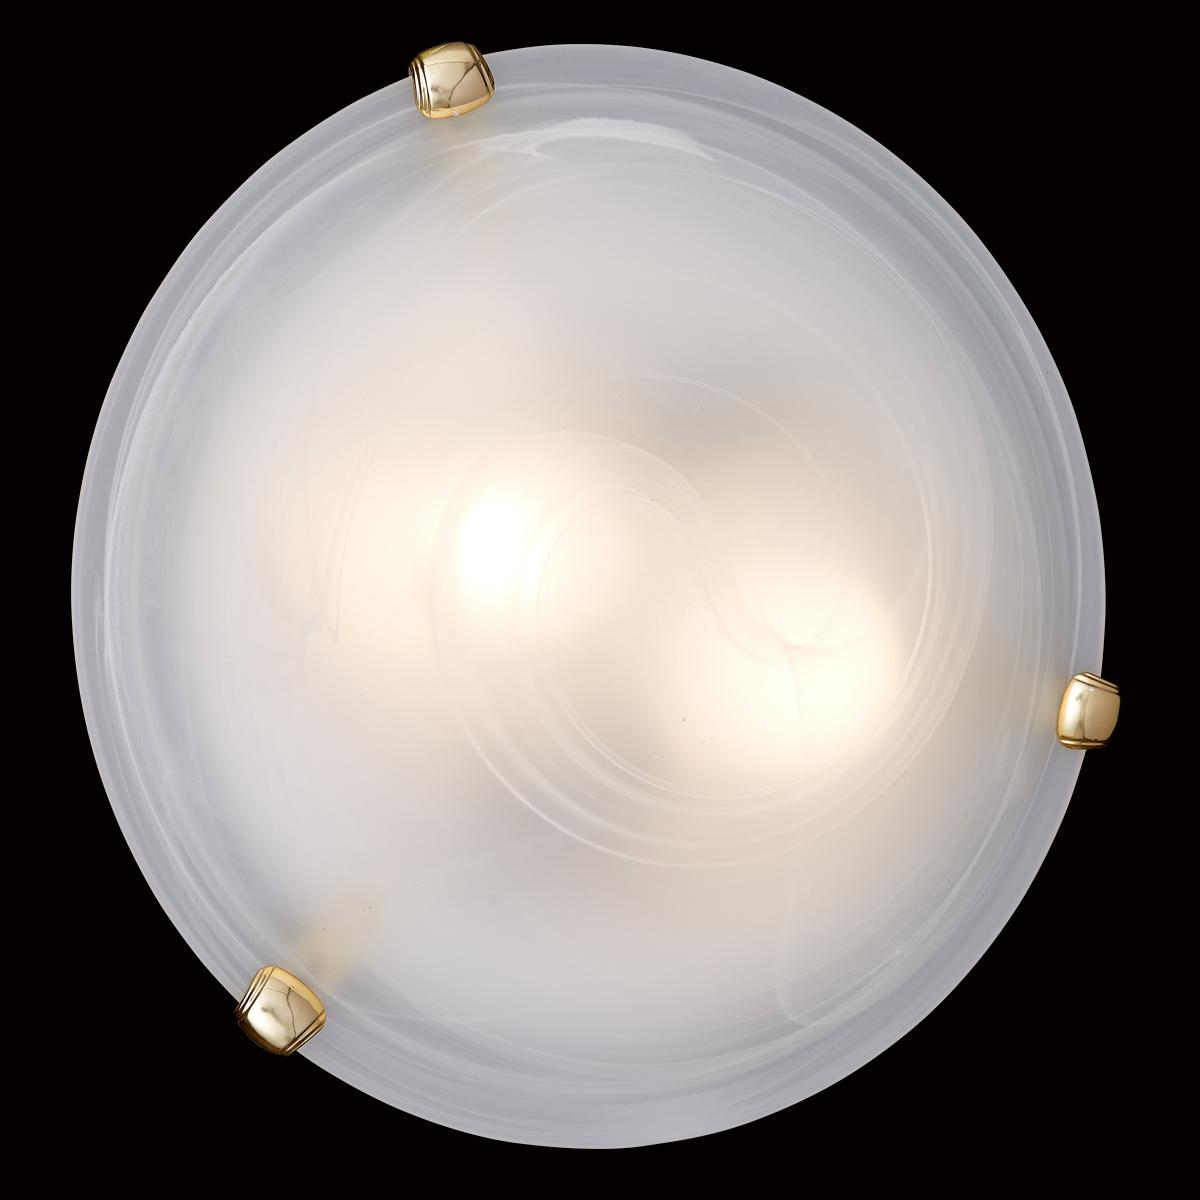 Потолочный светильник Sonex Duna 353 золото, 3xE27x100W, золото, белый, металл, стекло - фото 6